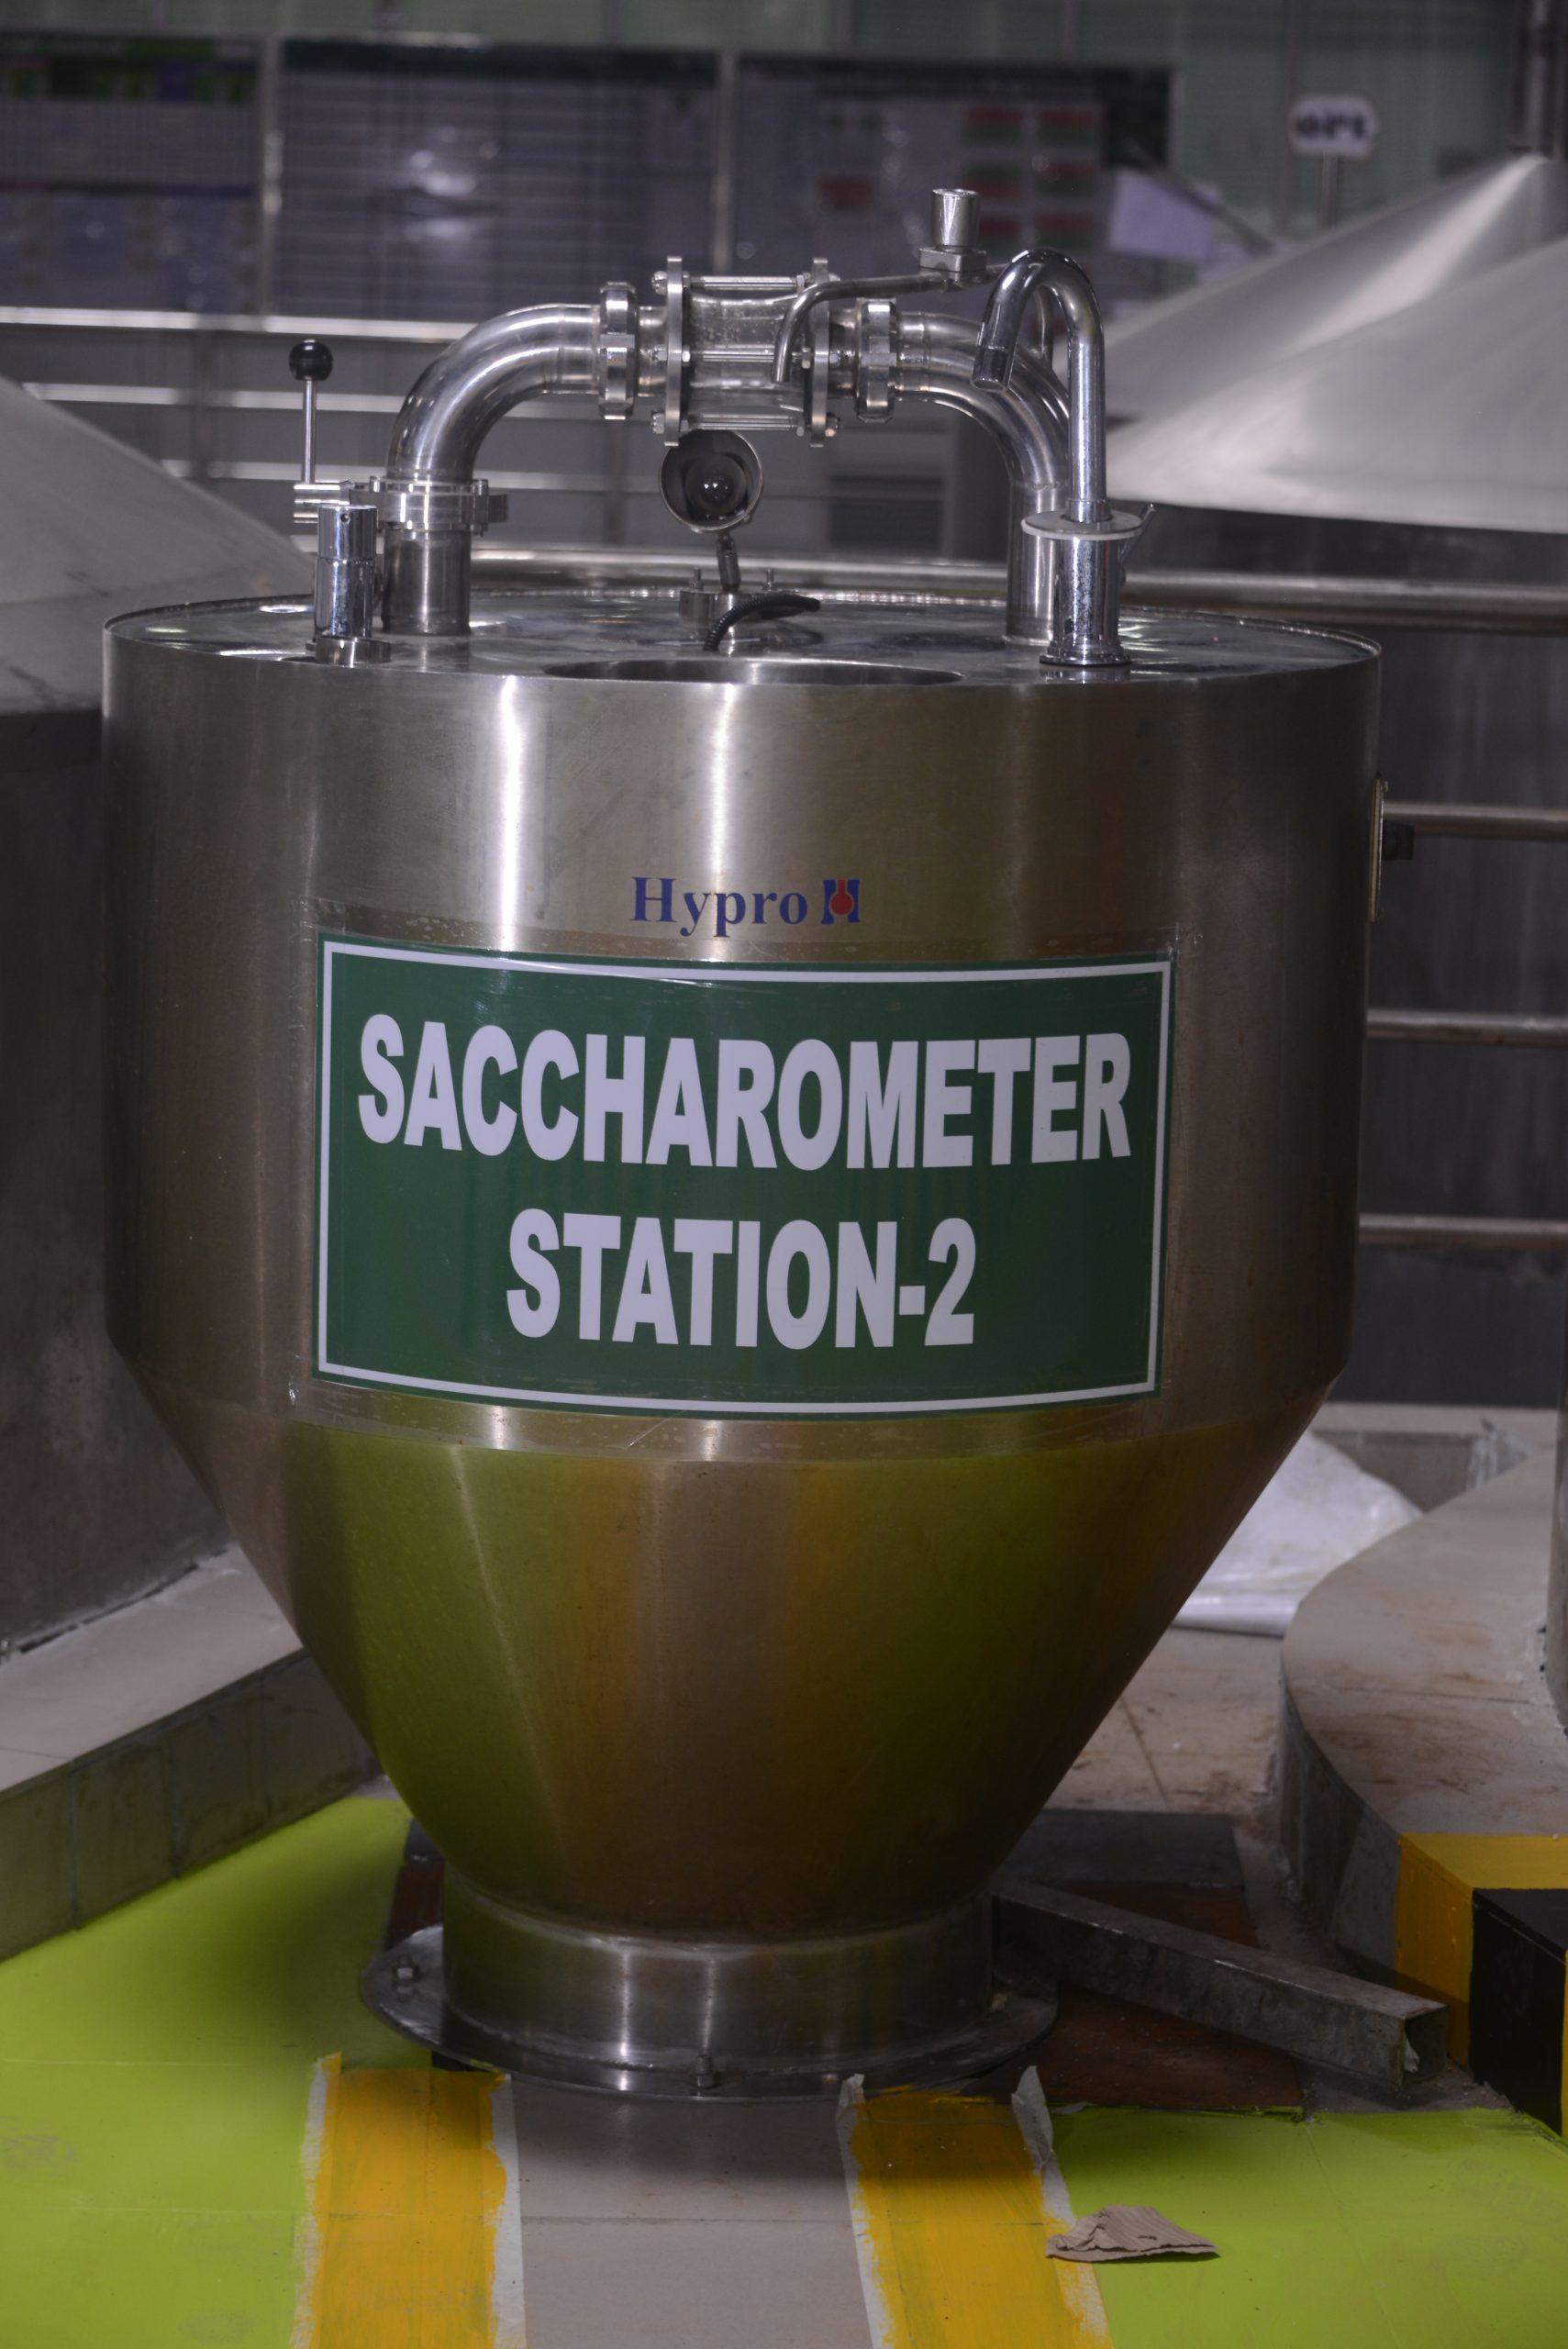 Saccharometer Station Hypro